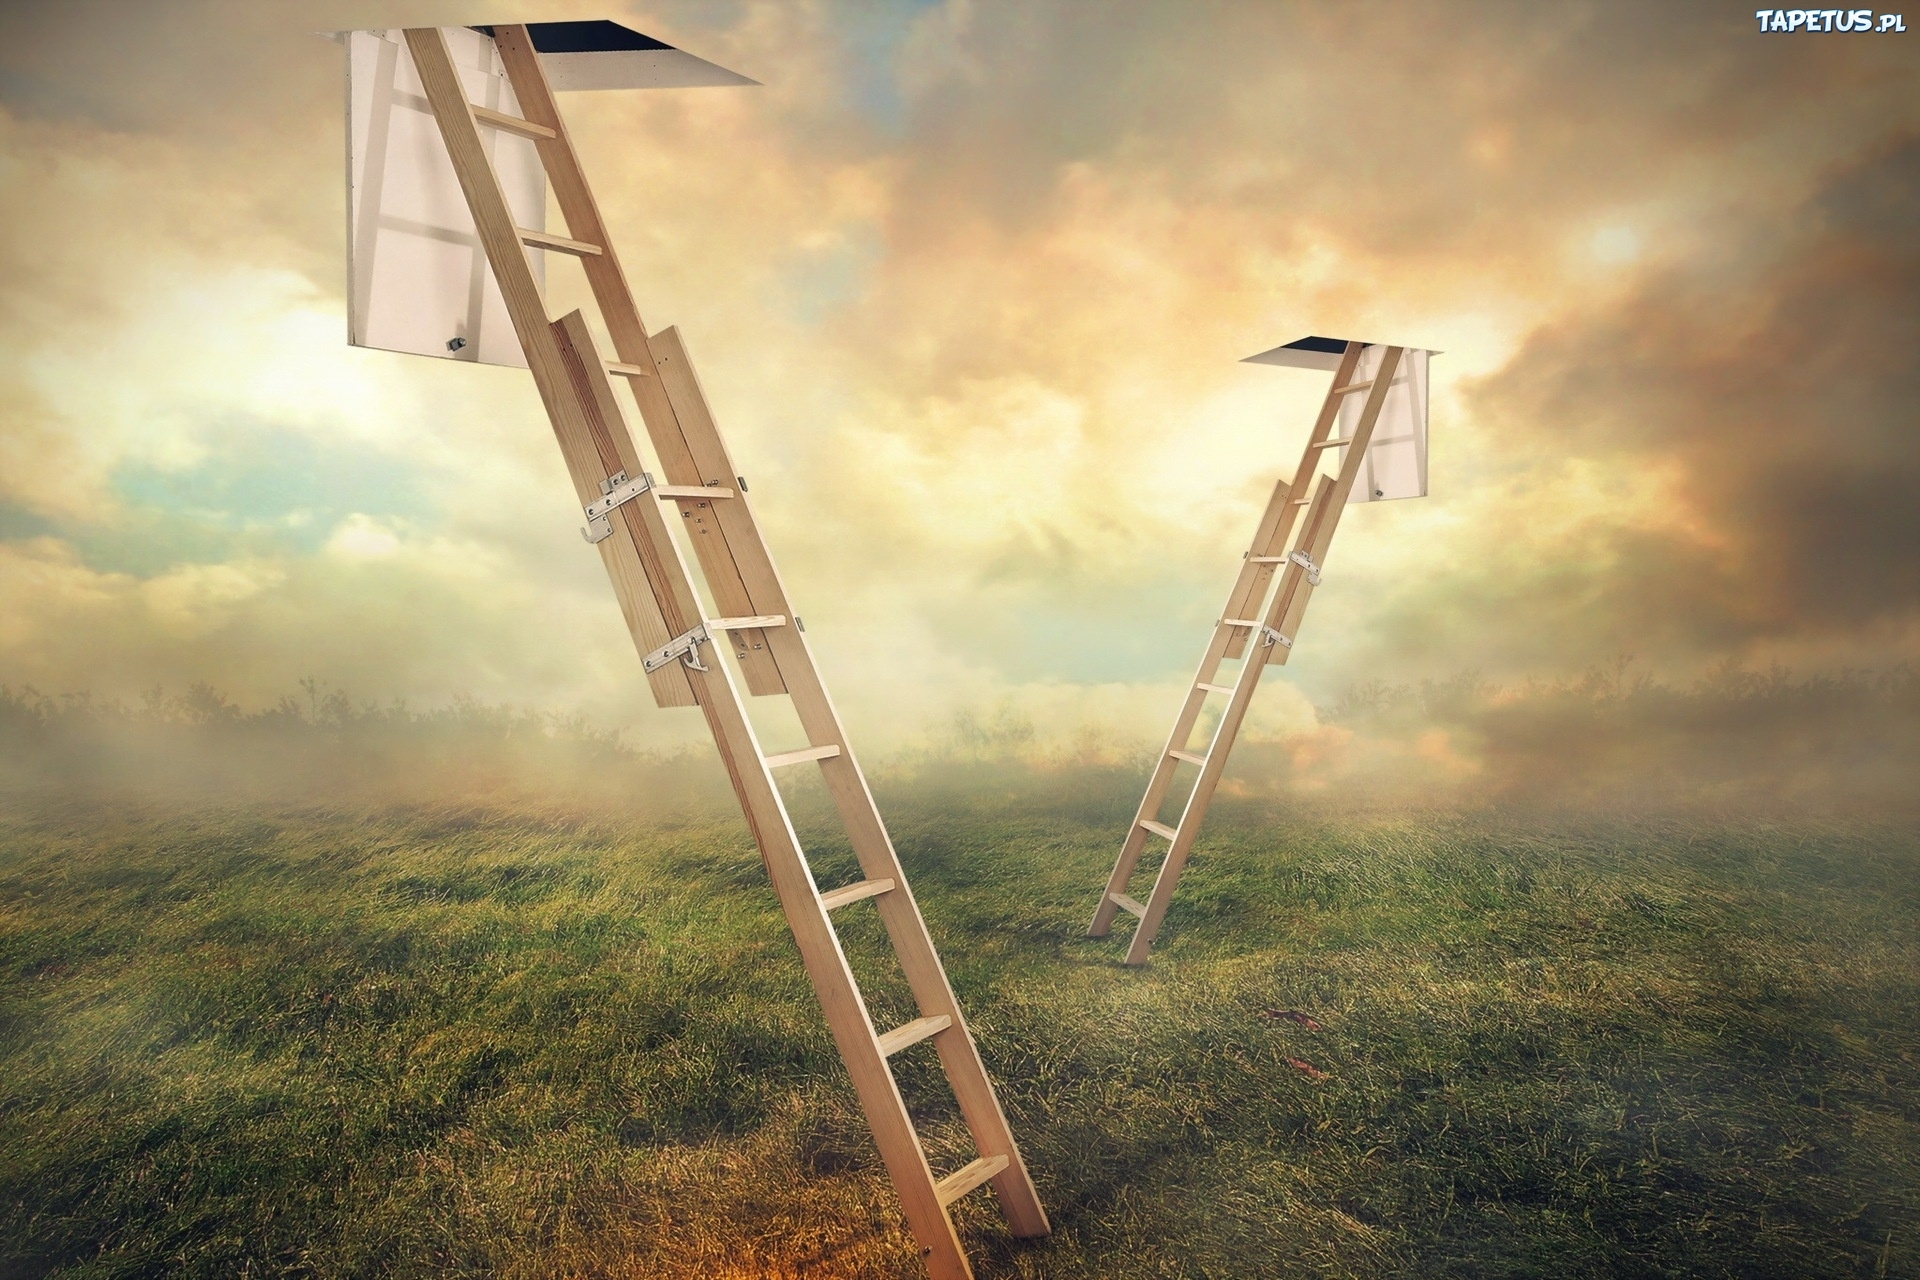 Обои для рабочего стола лестница в небо